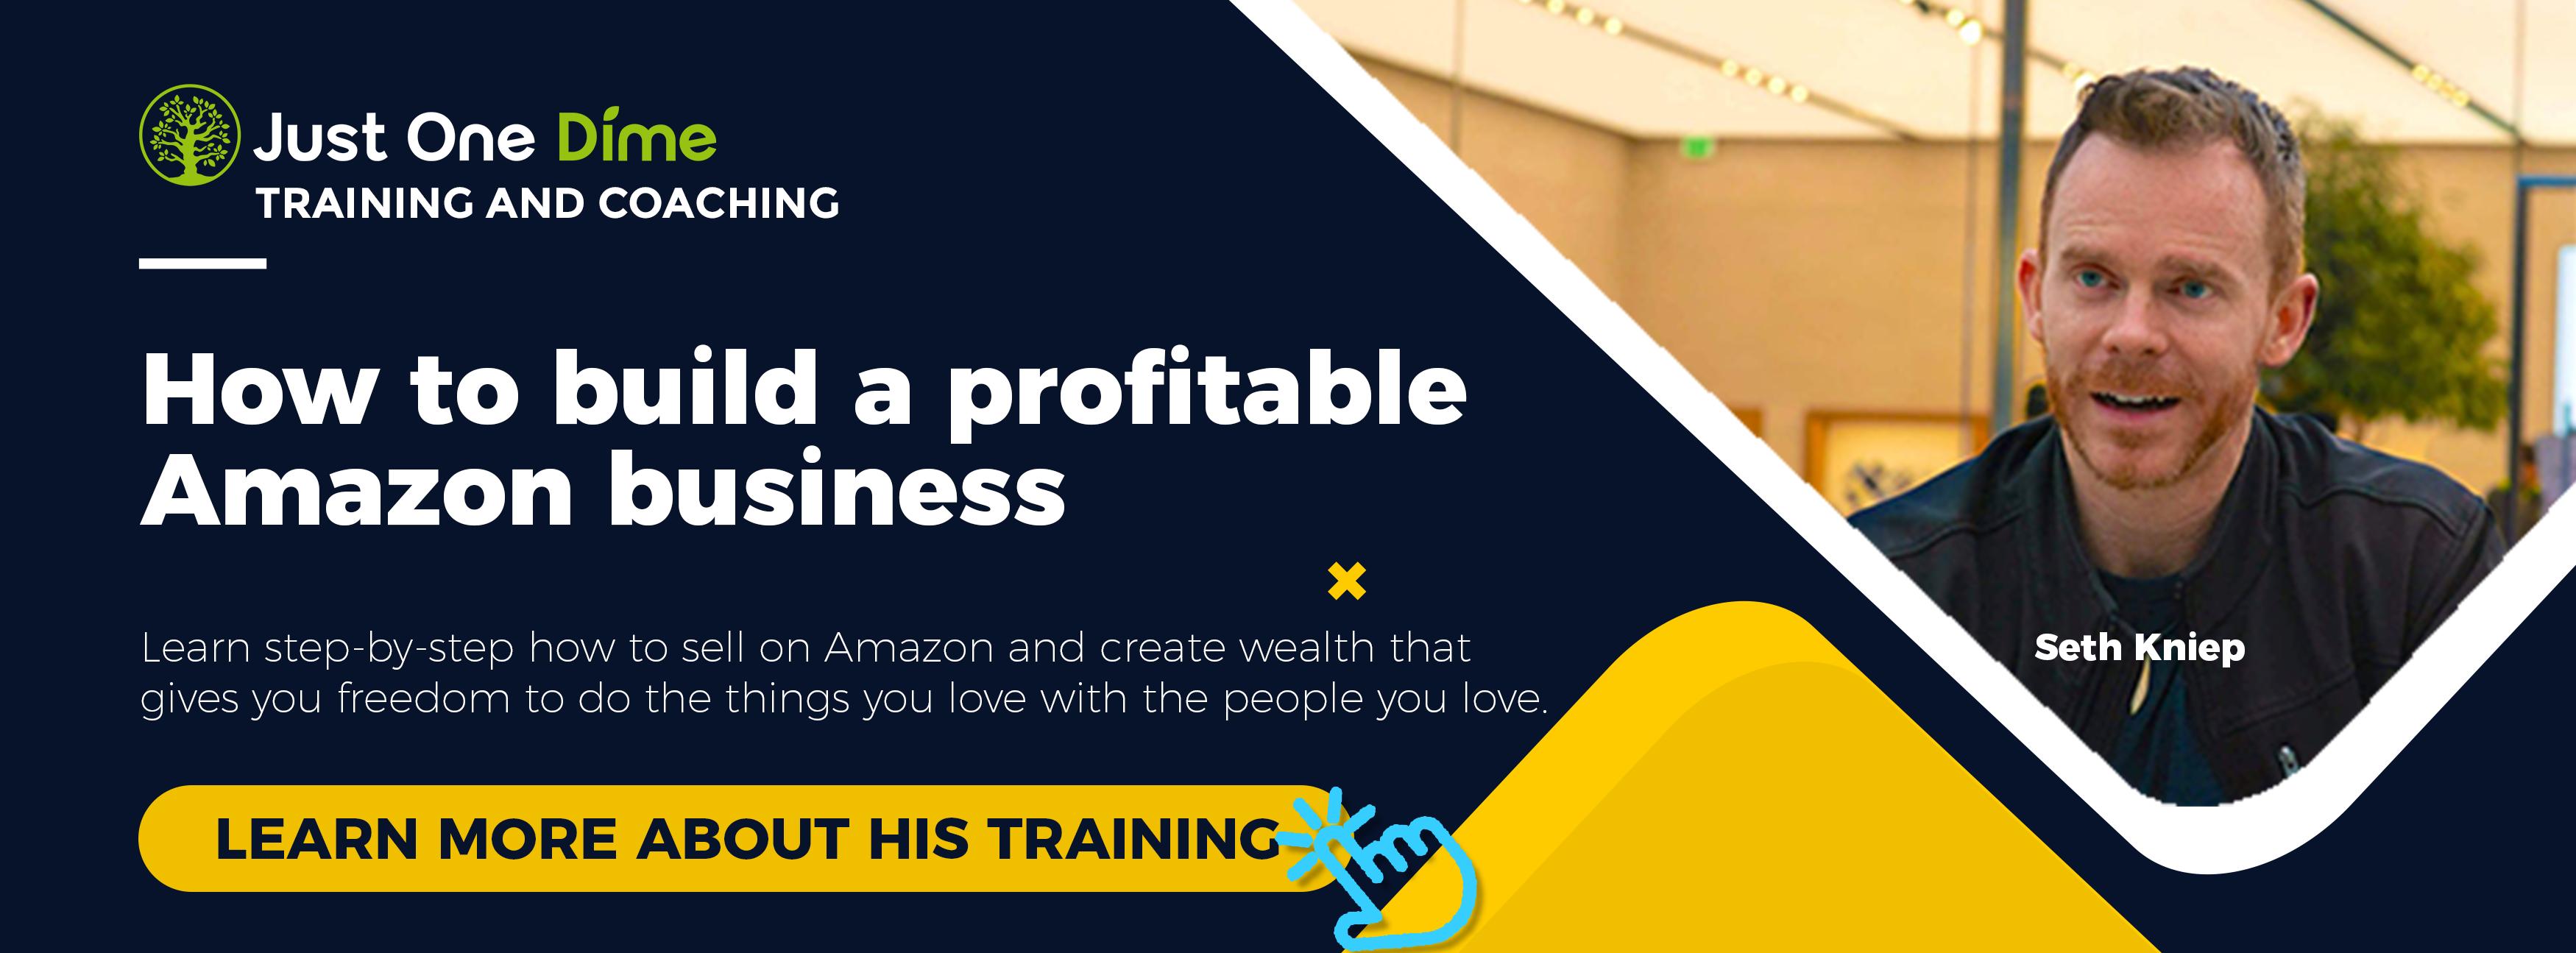 Amazon FBA Opleiding en Coaching